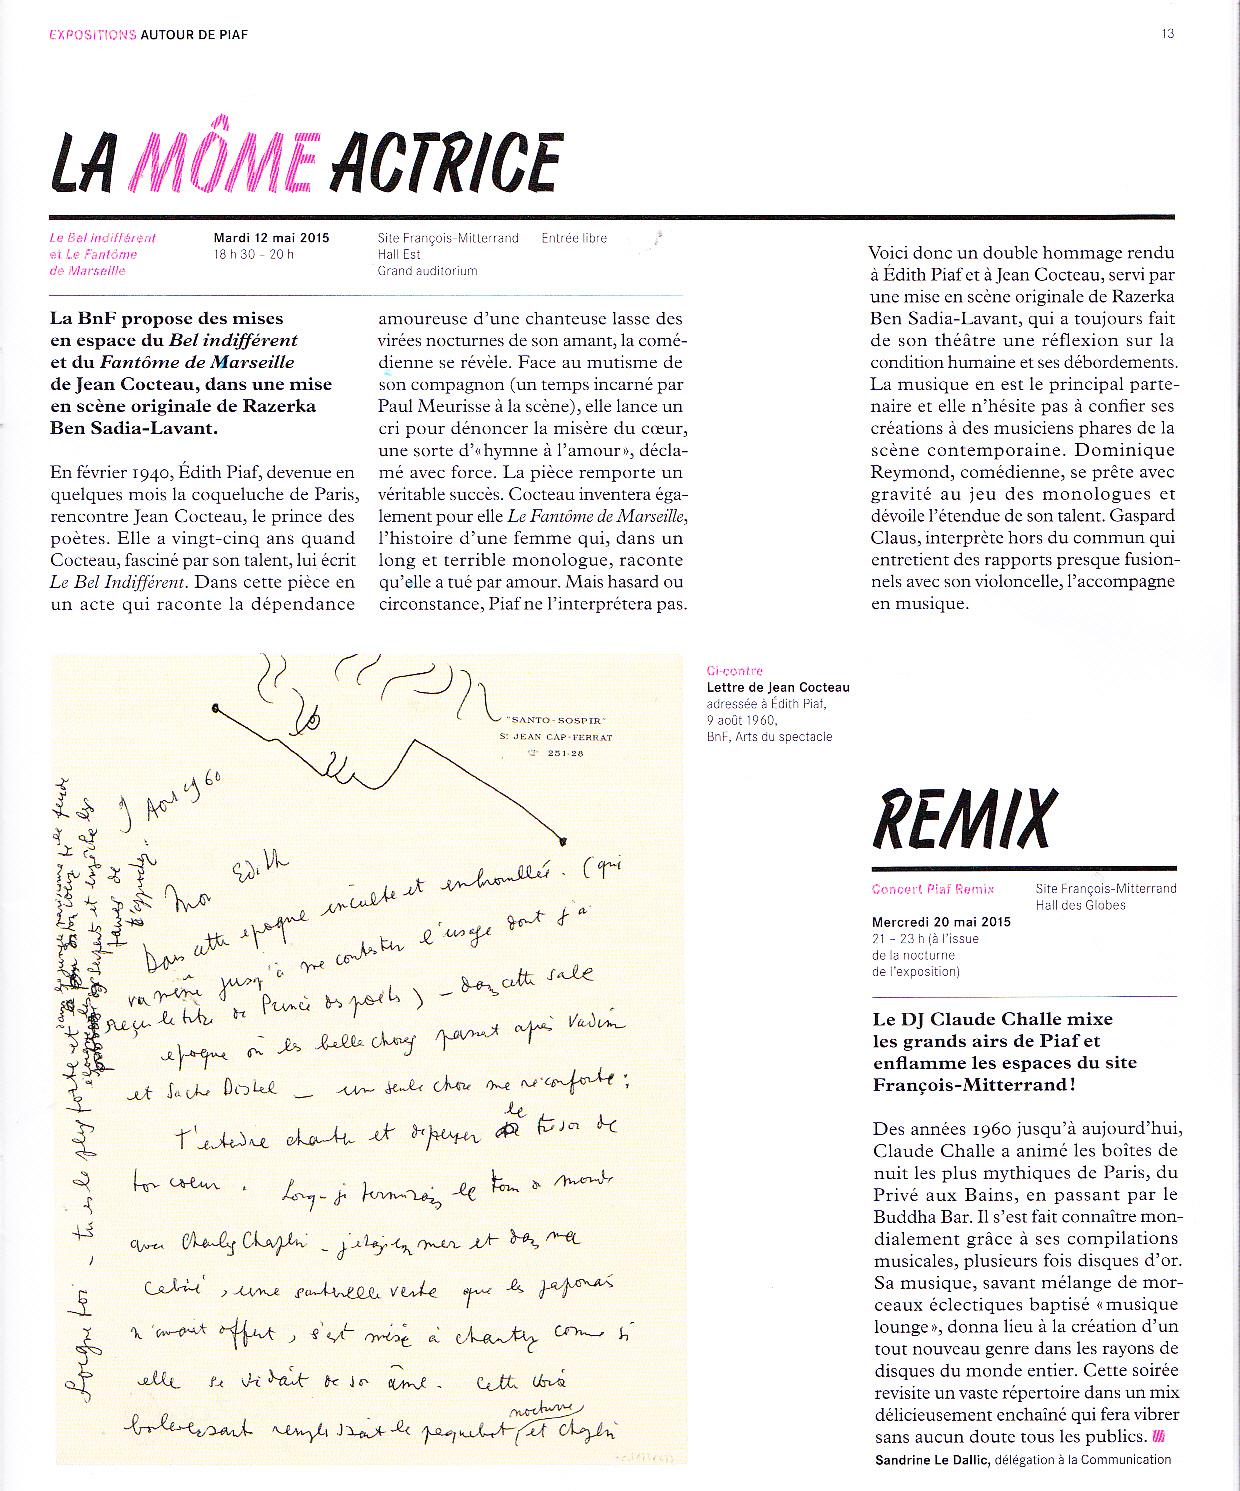 Musiques ! Edith Piaf Et Jean Cocteau